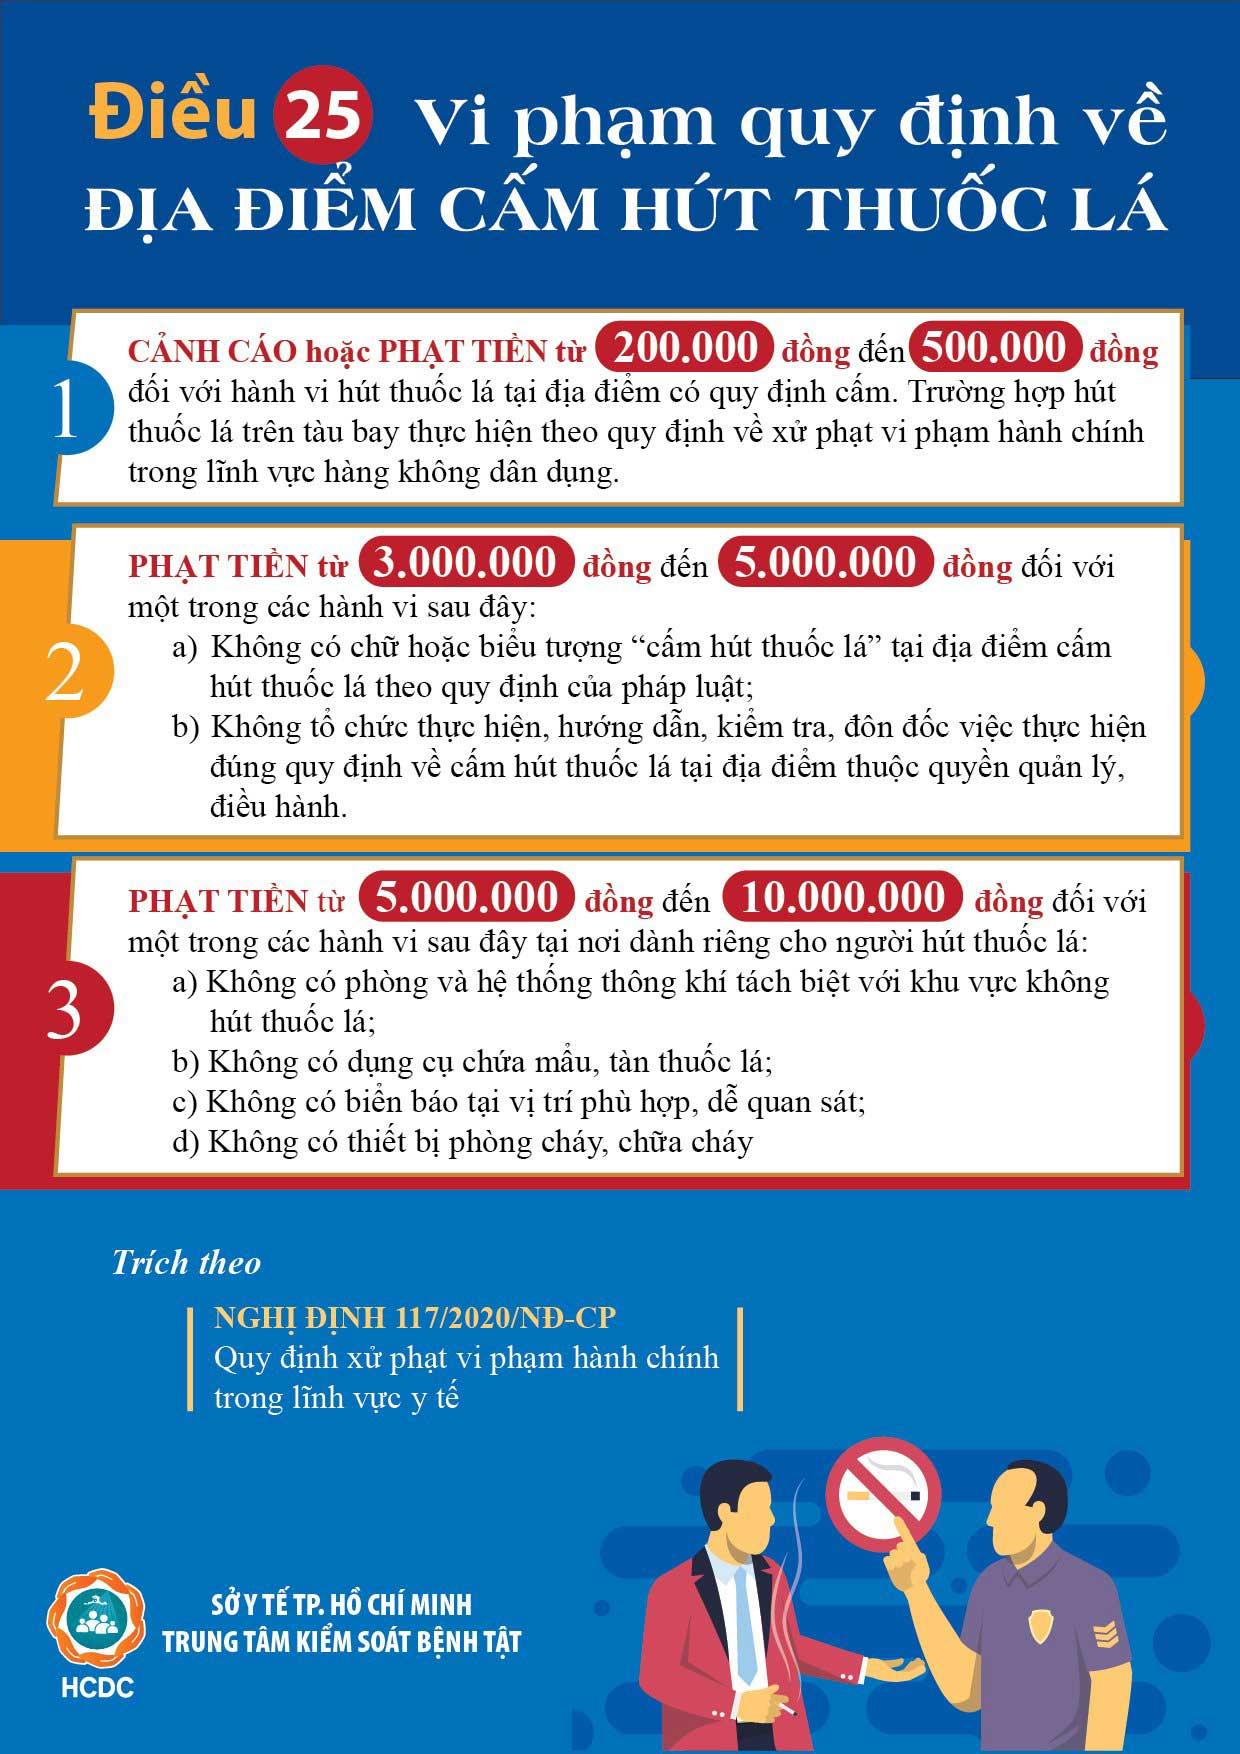 Một số điều luật của Nghị định này về phòng, chống tác hại của thuốc lá - Taimuihongsg.com